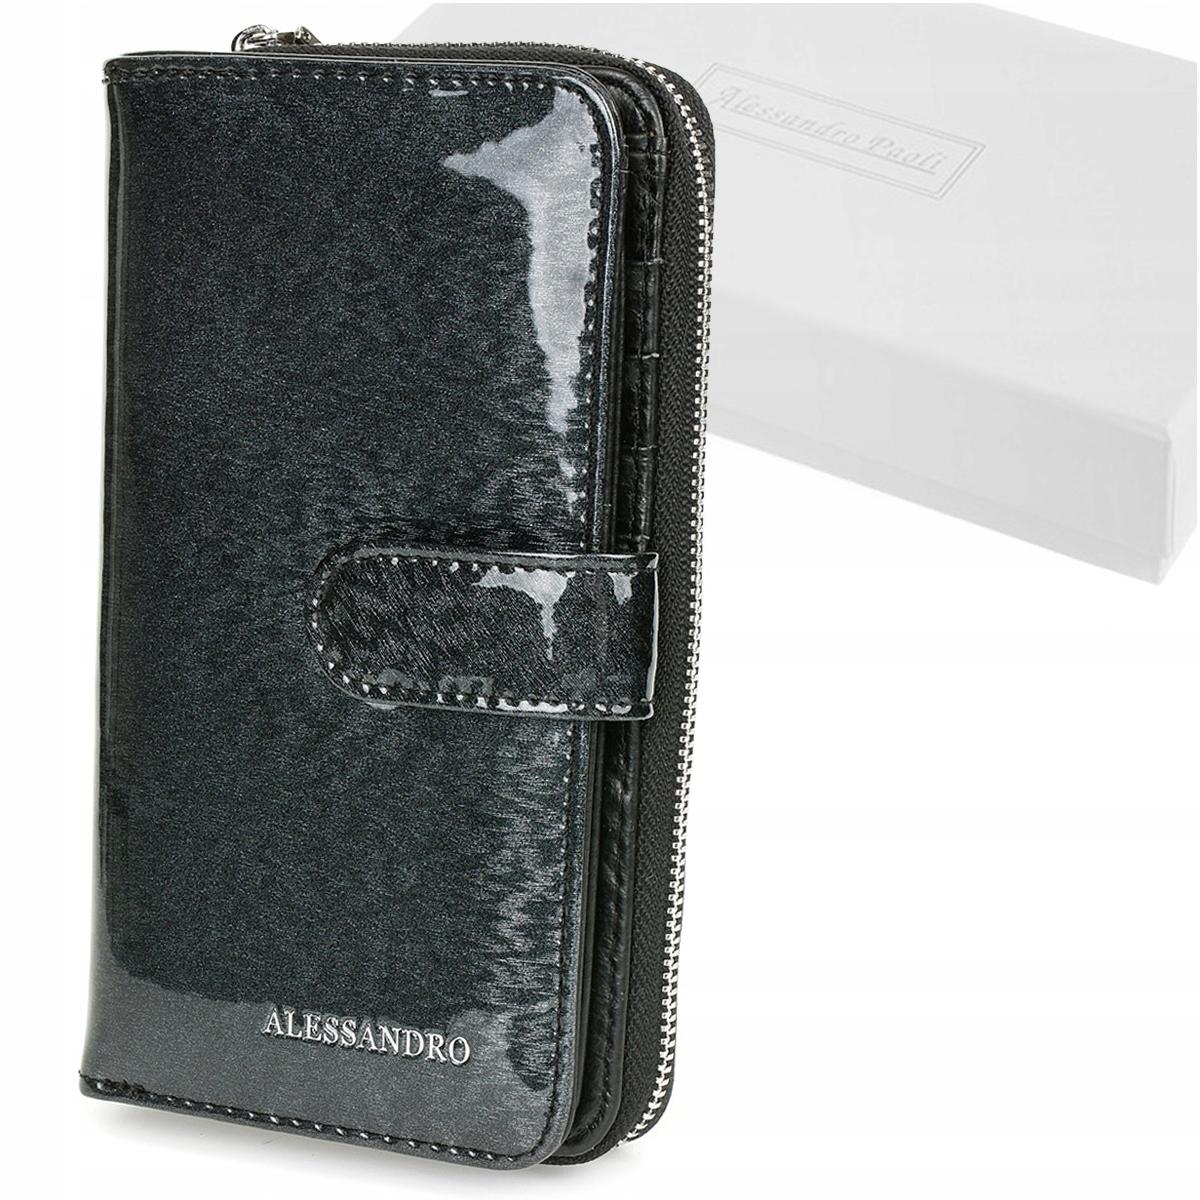 Alessandro Paoli G54 Dámska kožená peňaženka RFID čierna